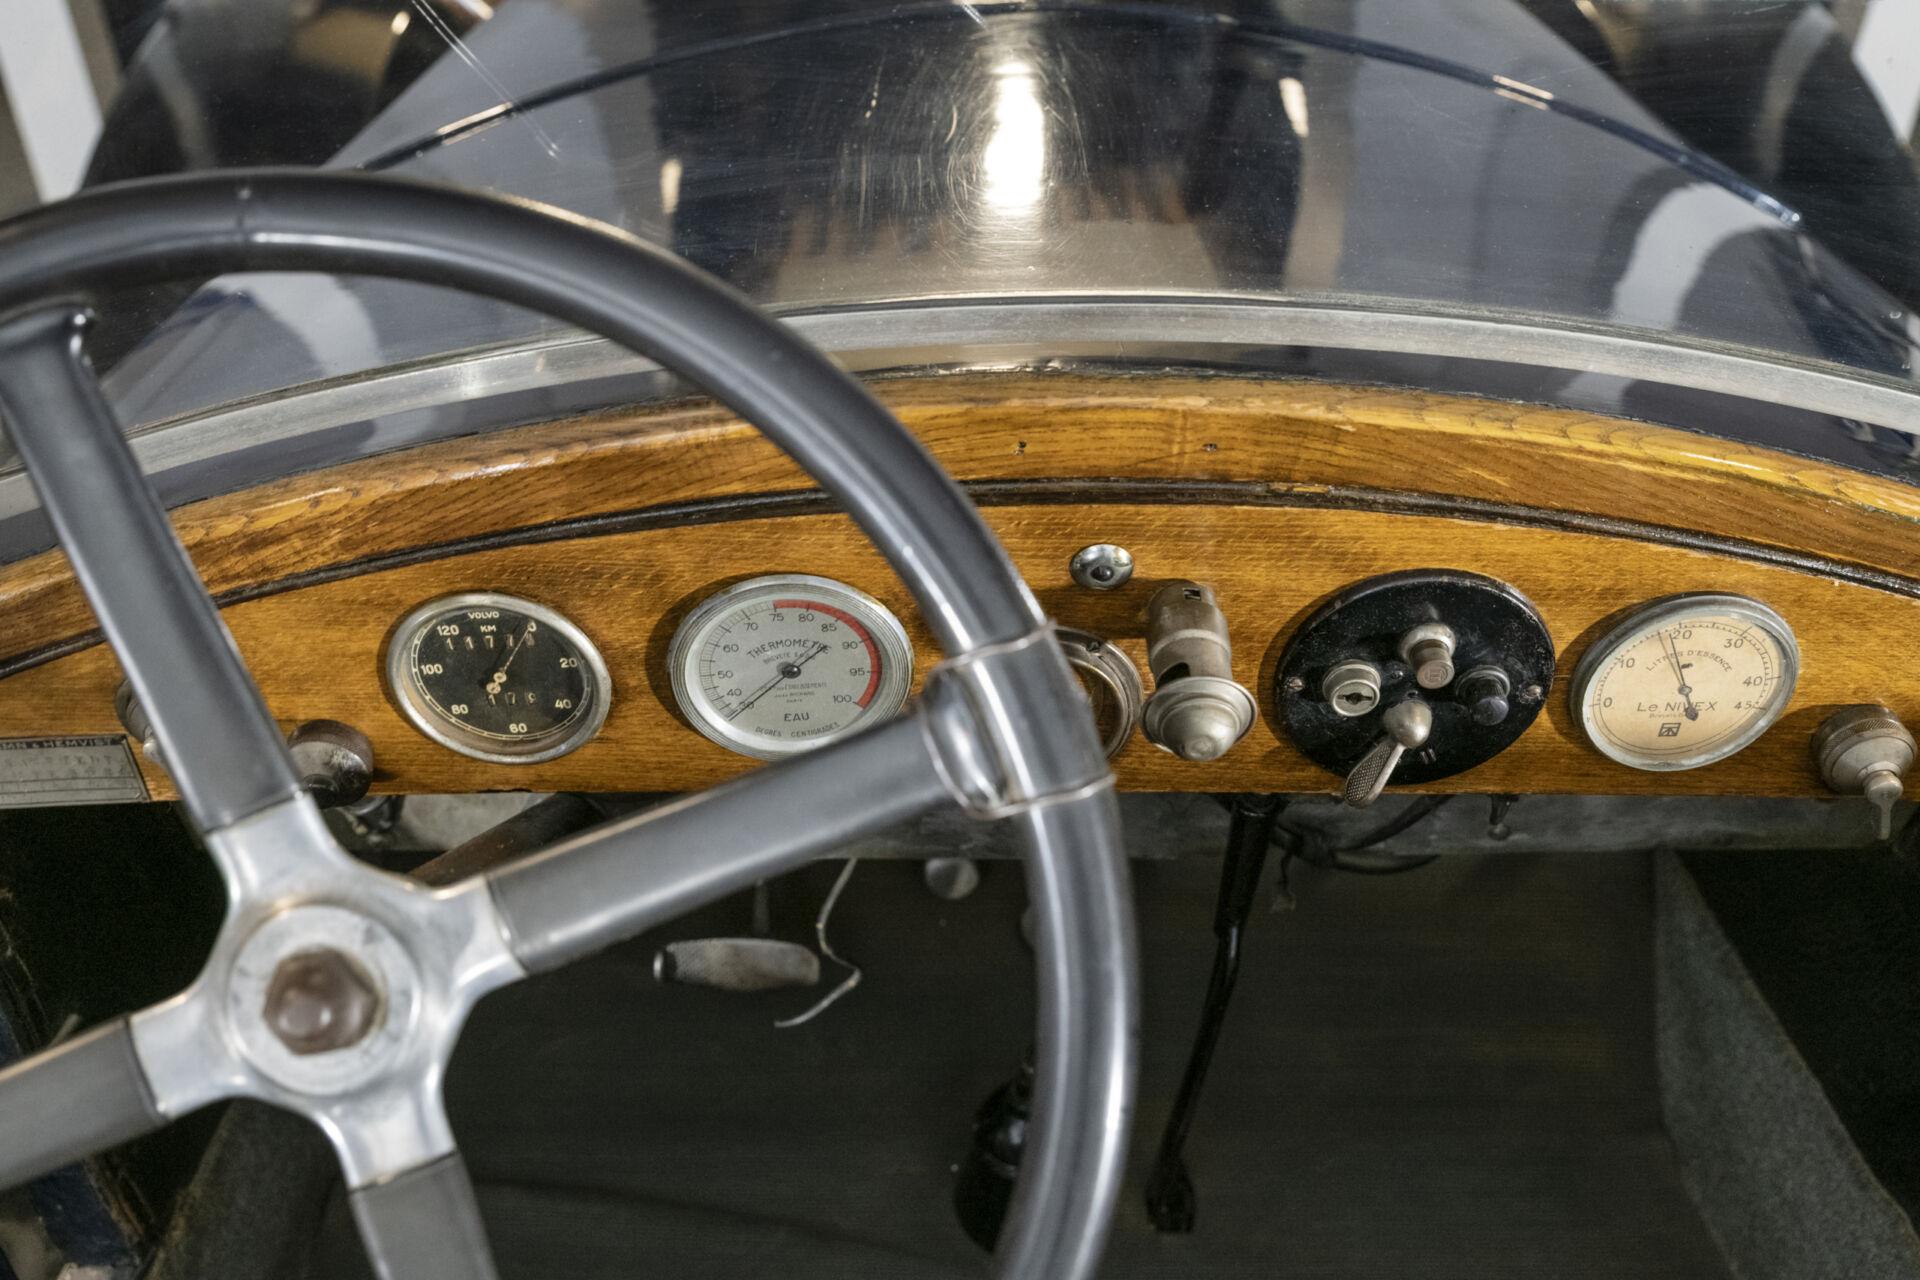 Närbild ratten och instrumentbräda i trä